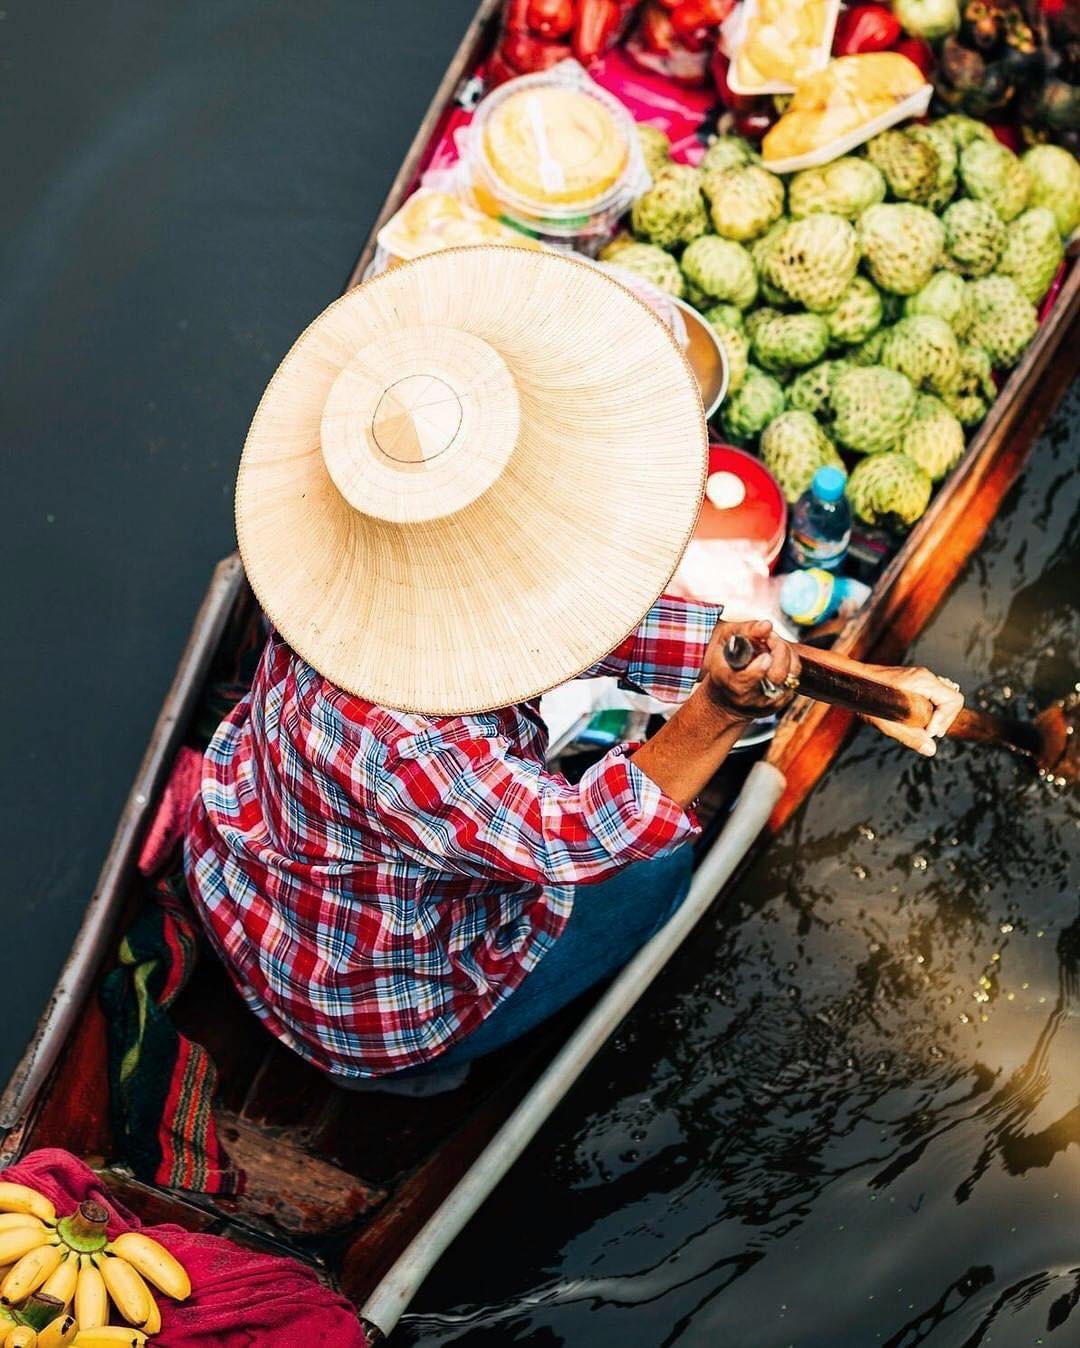 Chơi quên lối về tại những khu chợ nổi nhất định phải ghé ở Bangkok - Ảnh 8.